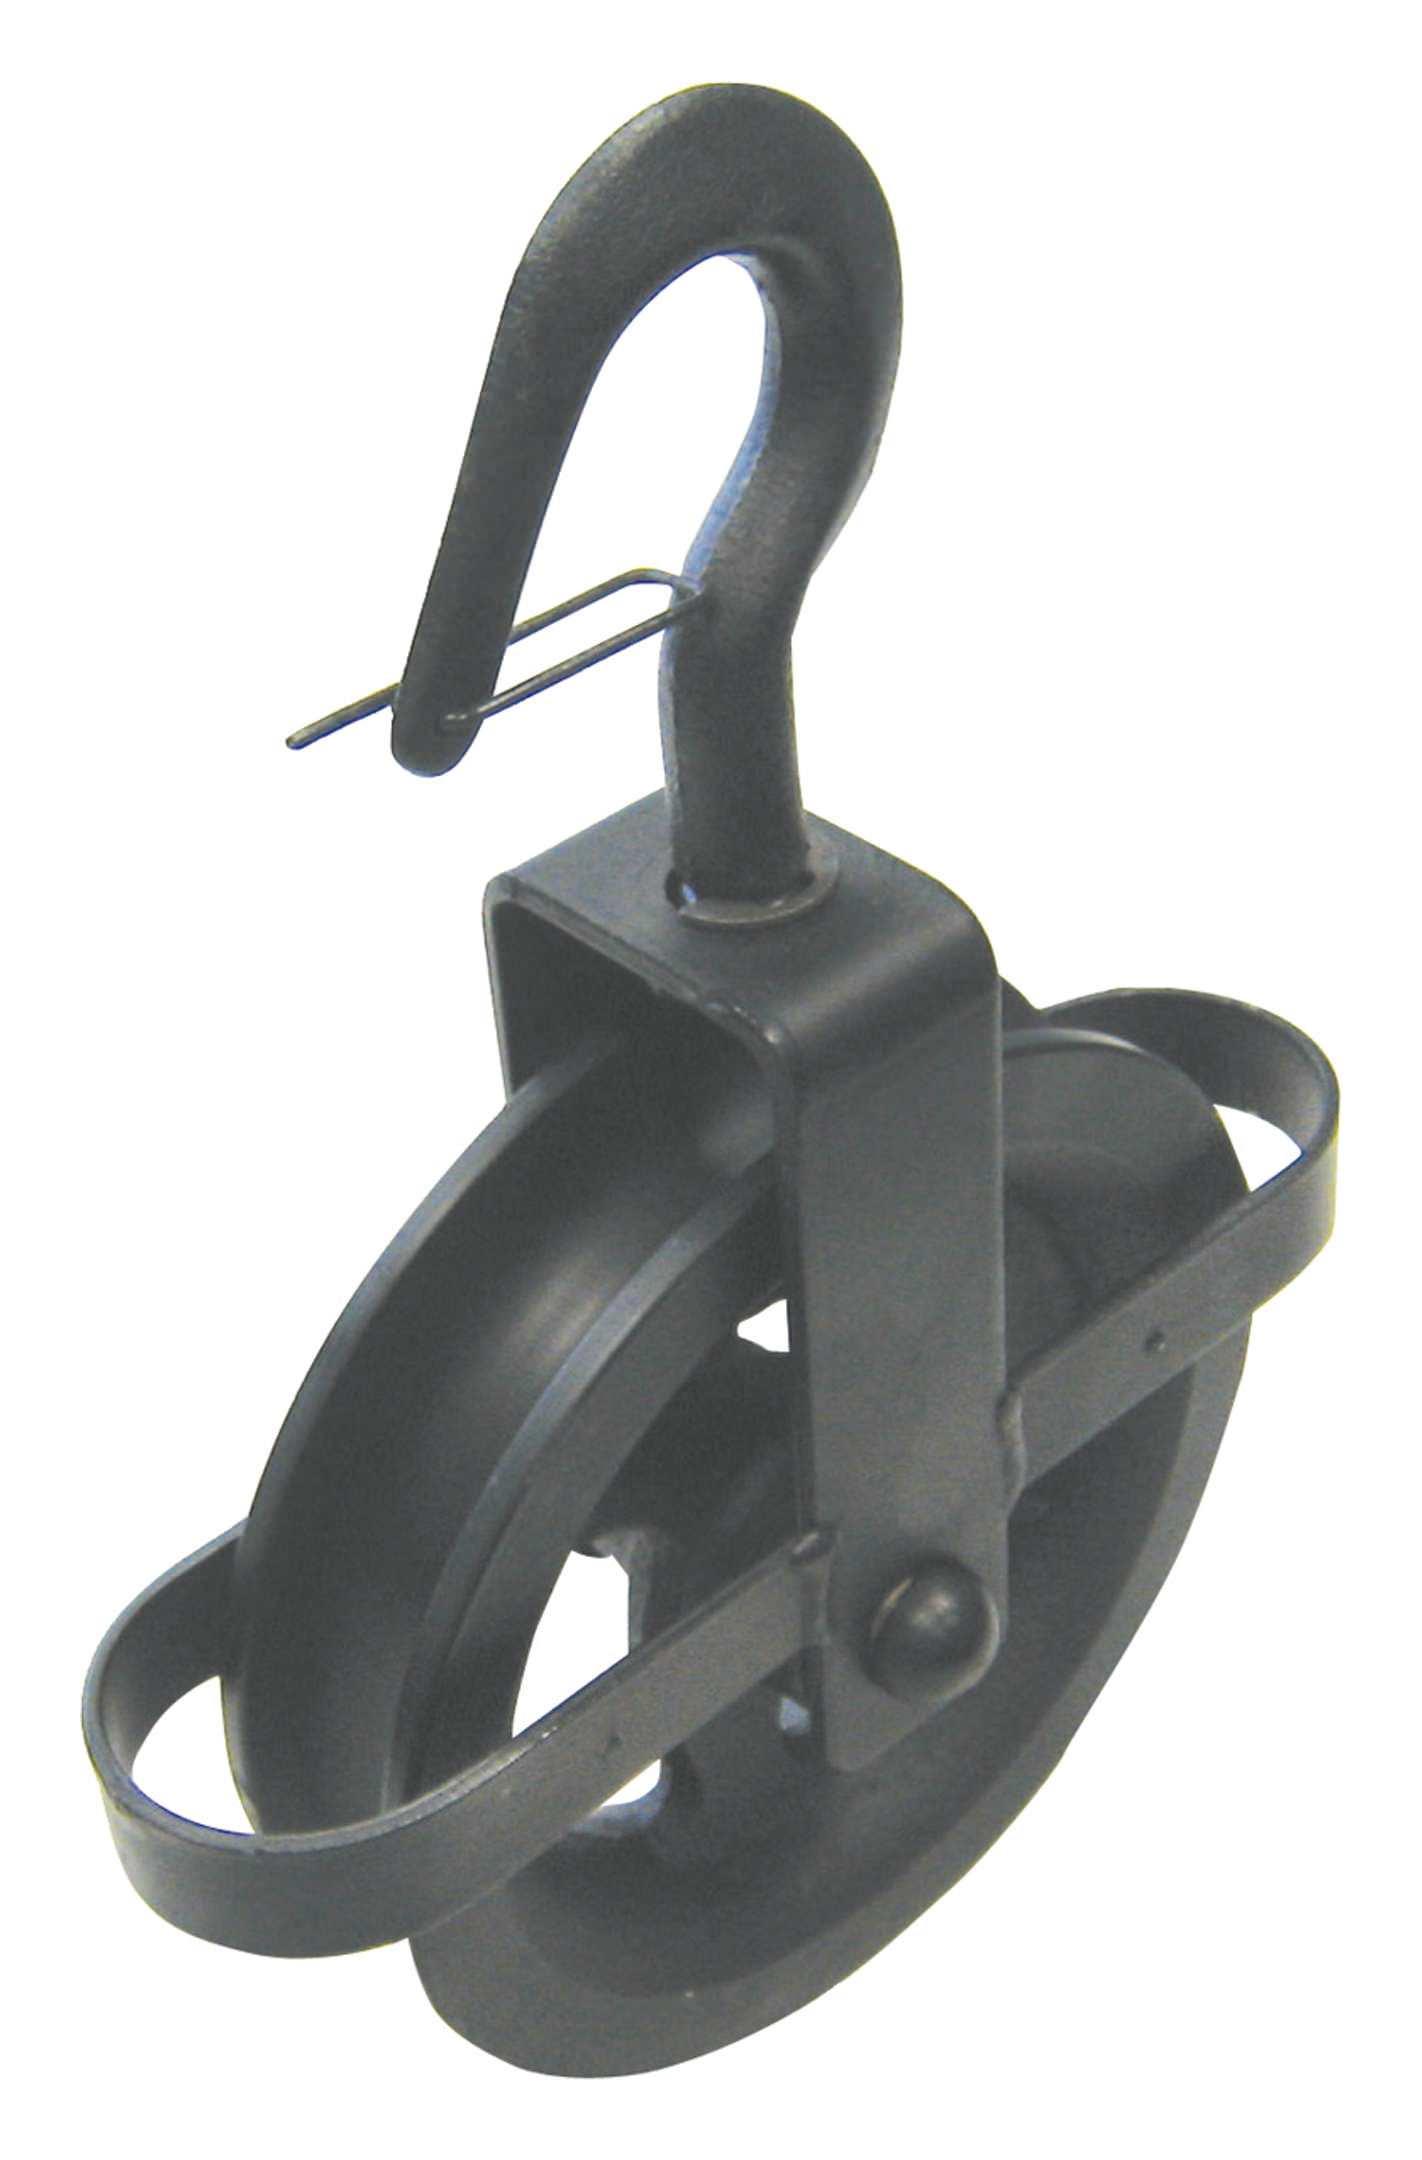 HBS Betz Brunnenrolle für Hanfseil 307/160 komplett lackiert - 87044